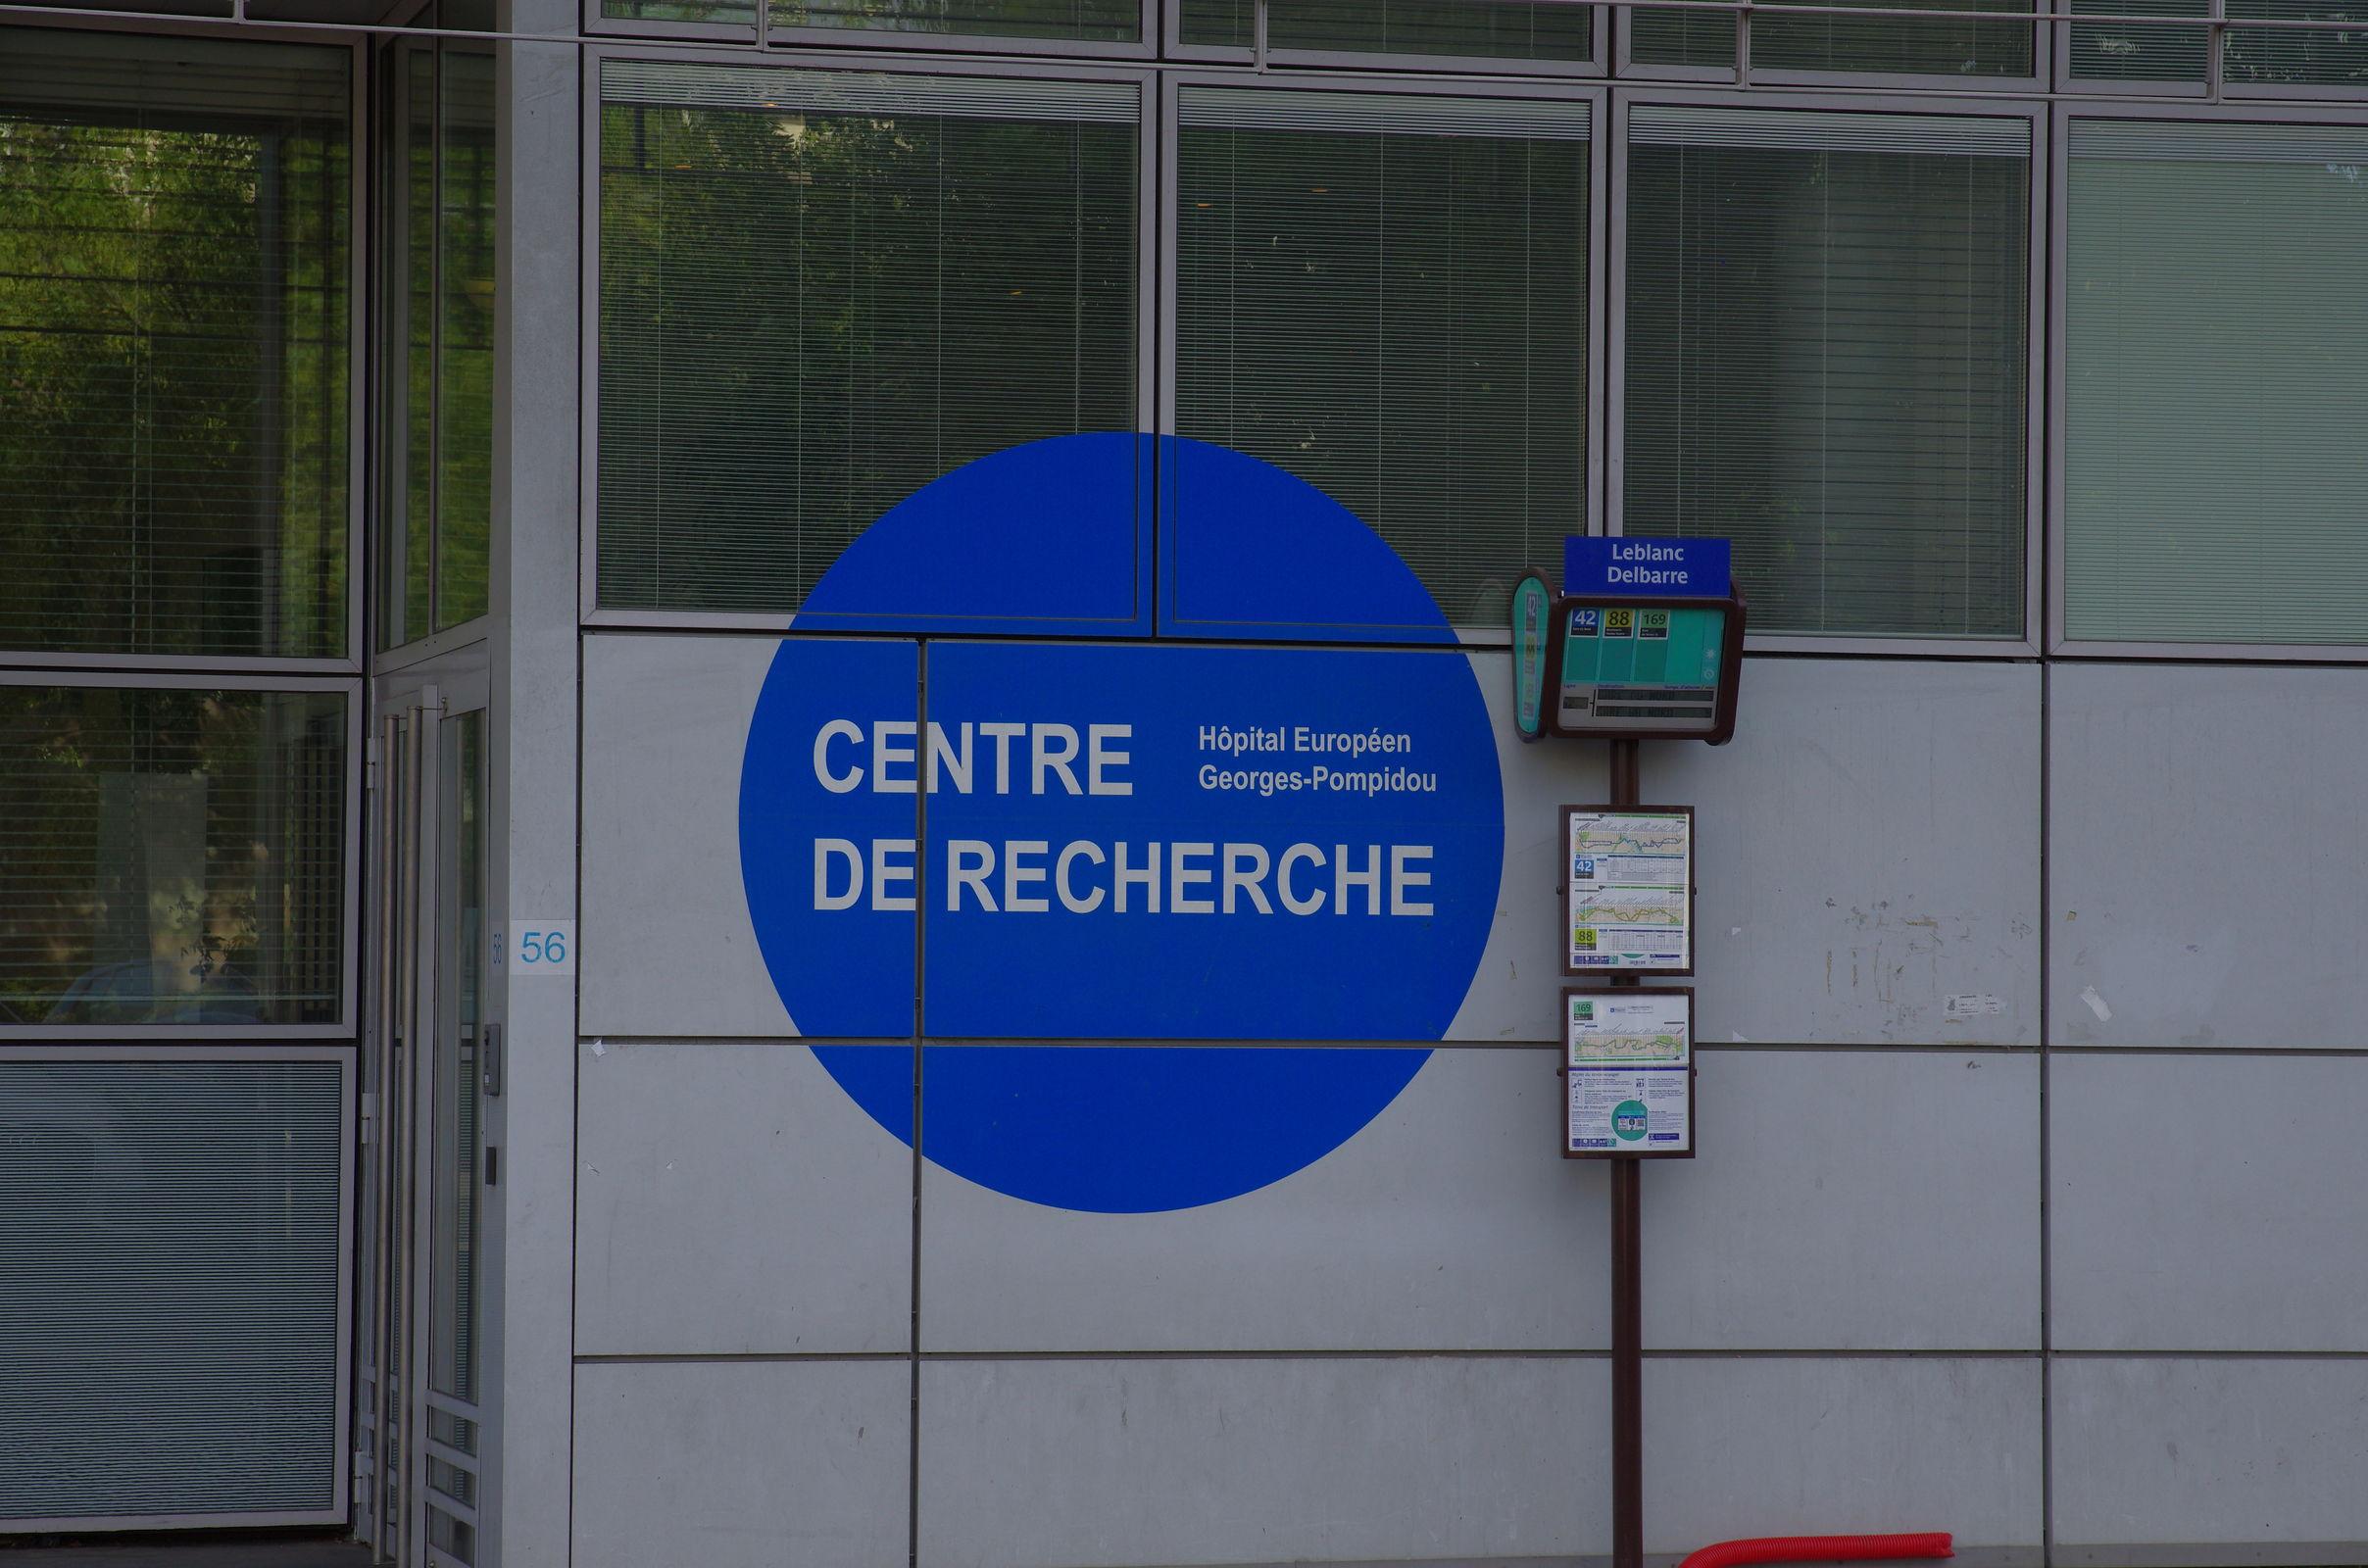 Eingang zum Forschungsinstitut